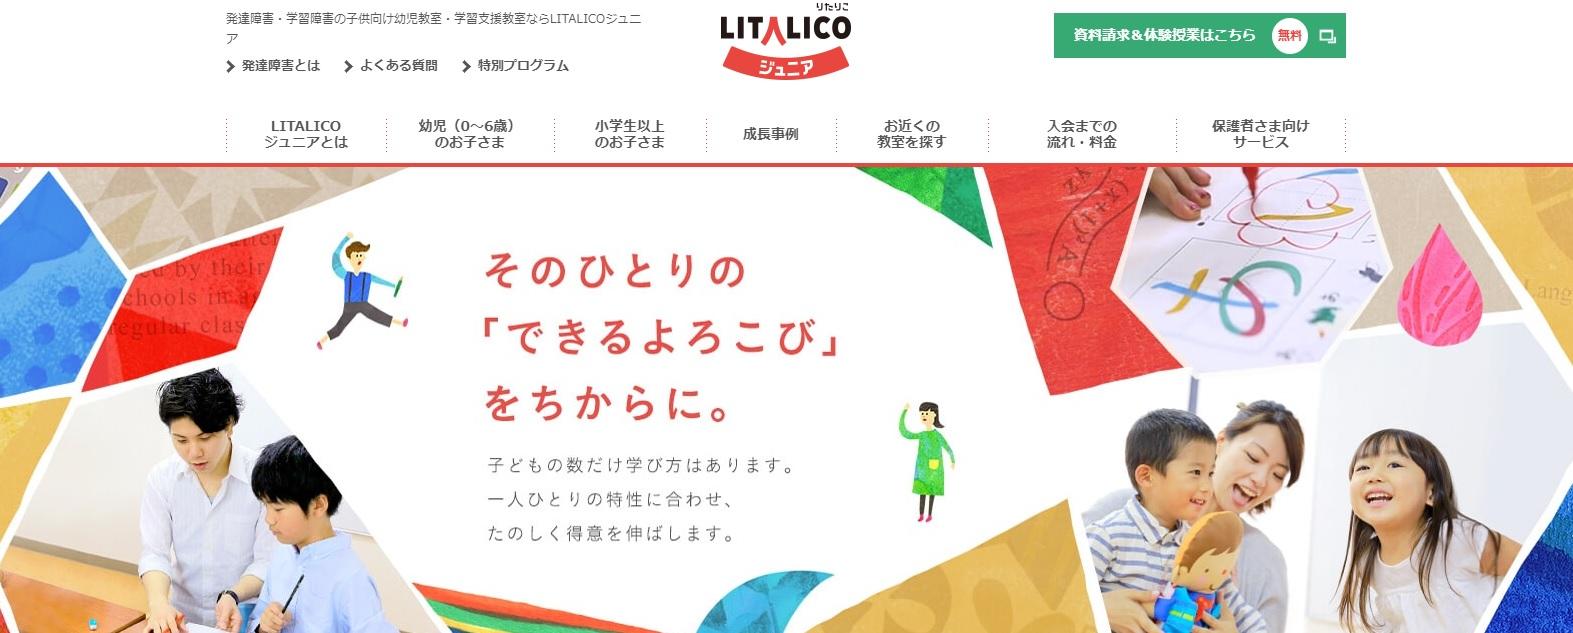 LITALICO(りたりこ) 公式ページ